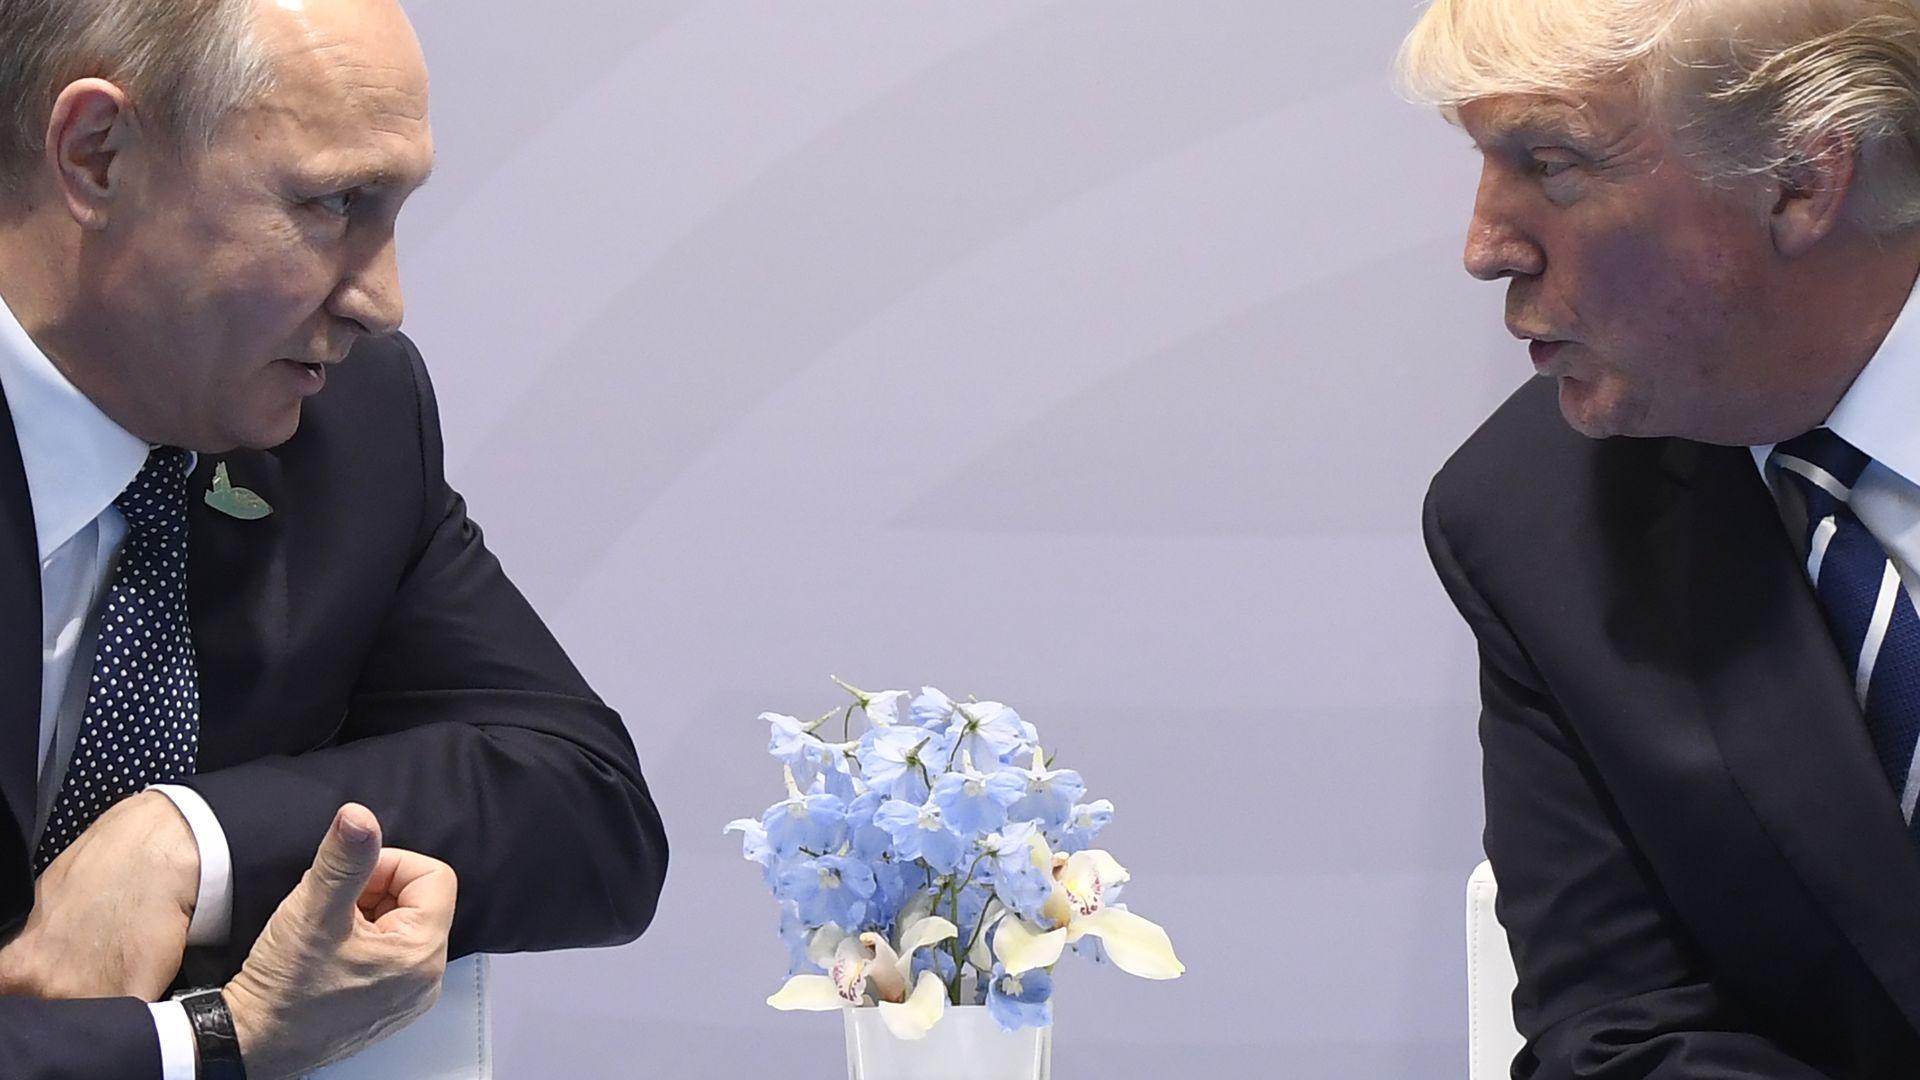 Trump and Putin at the G20 Summit